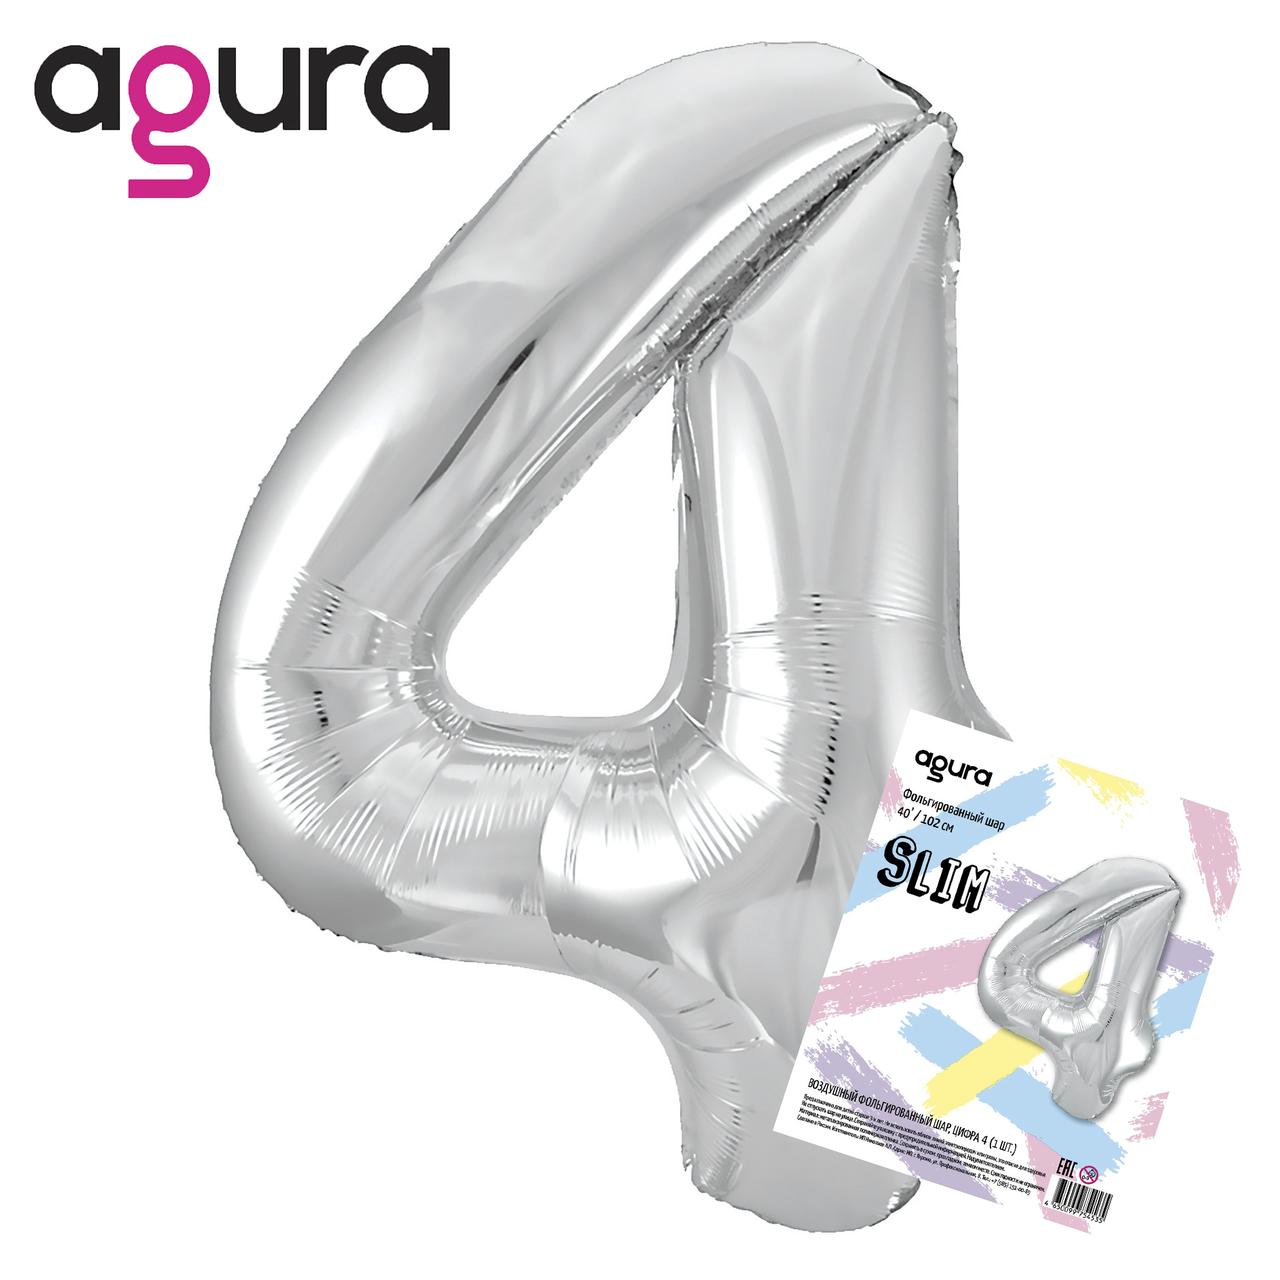 Фольгированный шар  цифра 4,  SLIM  слим серебро  AGURA 102 СМ (40''), в индивидуальной упаковке